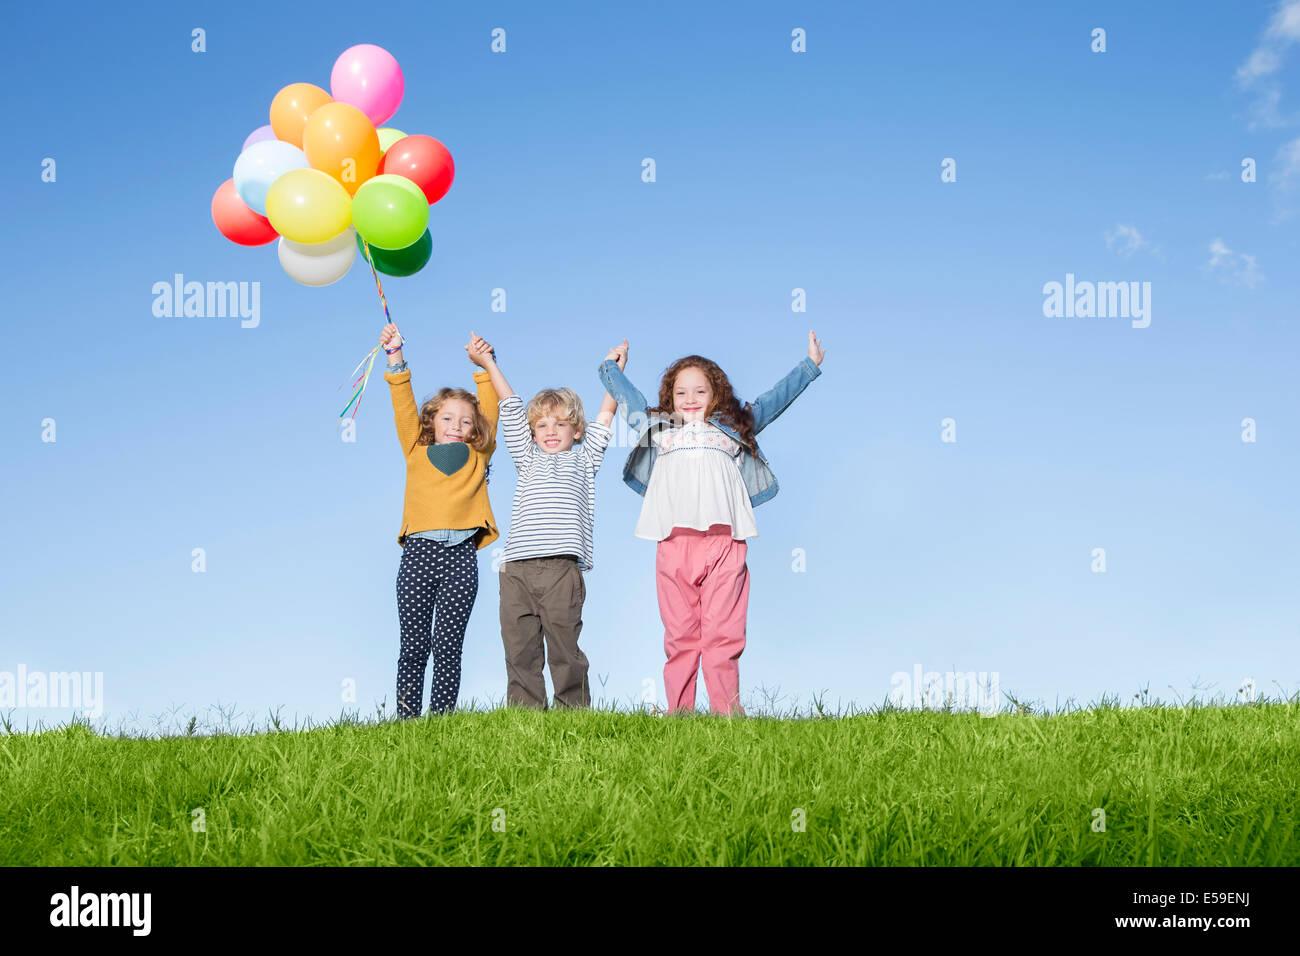 Los niños con globos vítores en grassy hill Foto de stock